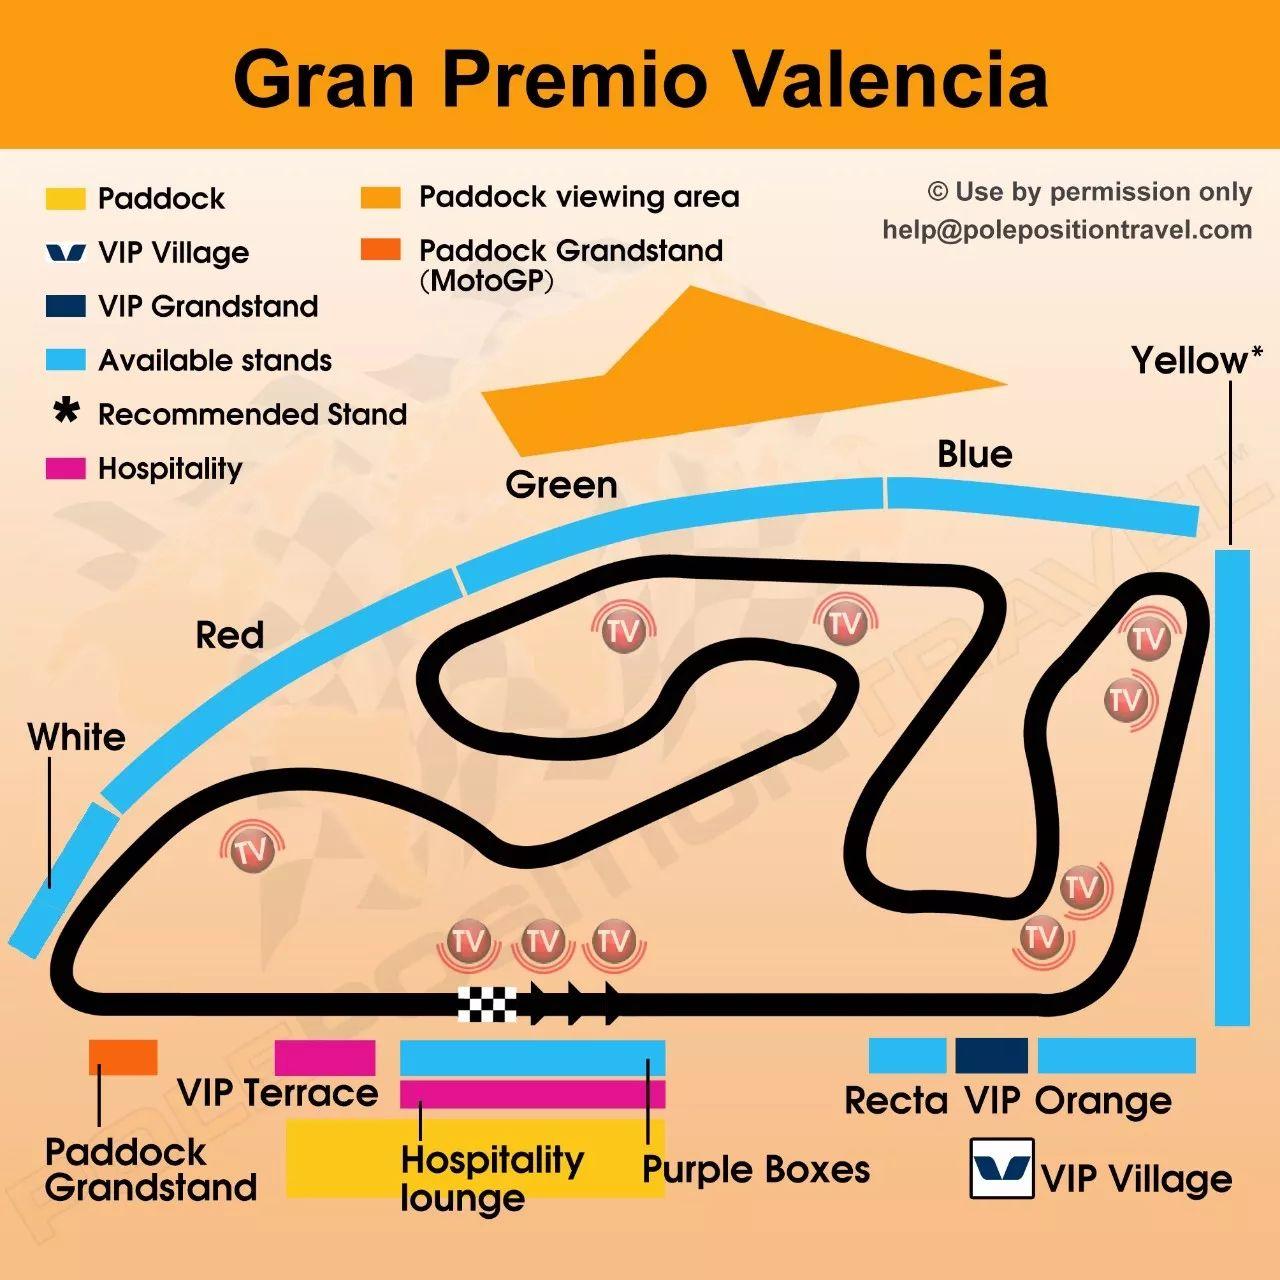 国际顶级摩托车赛事收官战一触即发,点燃瓦伦西亚赛道速度与激情